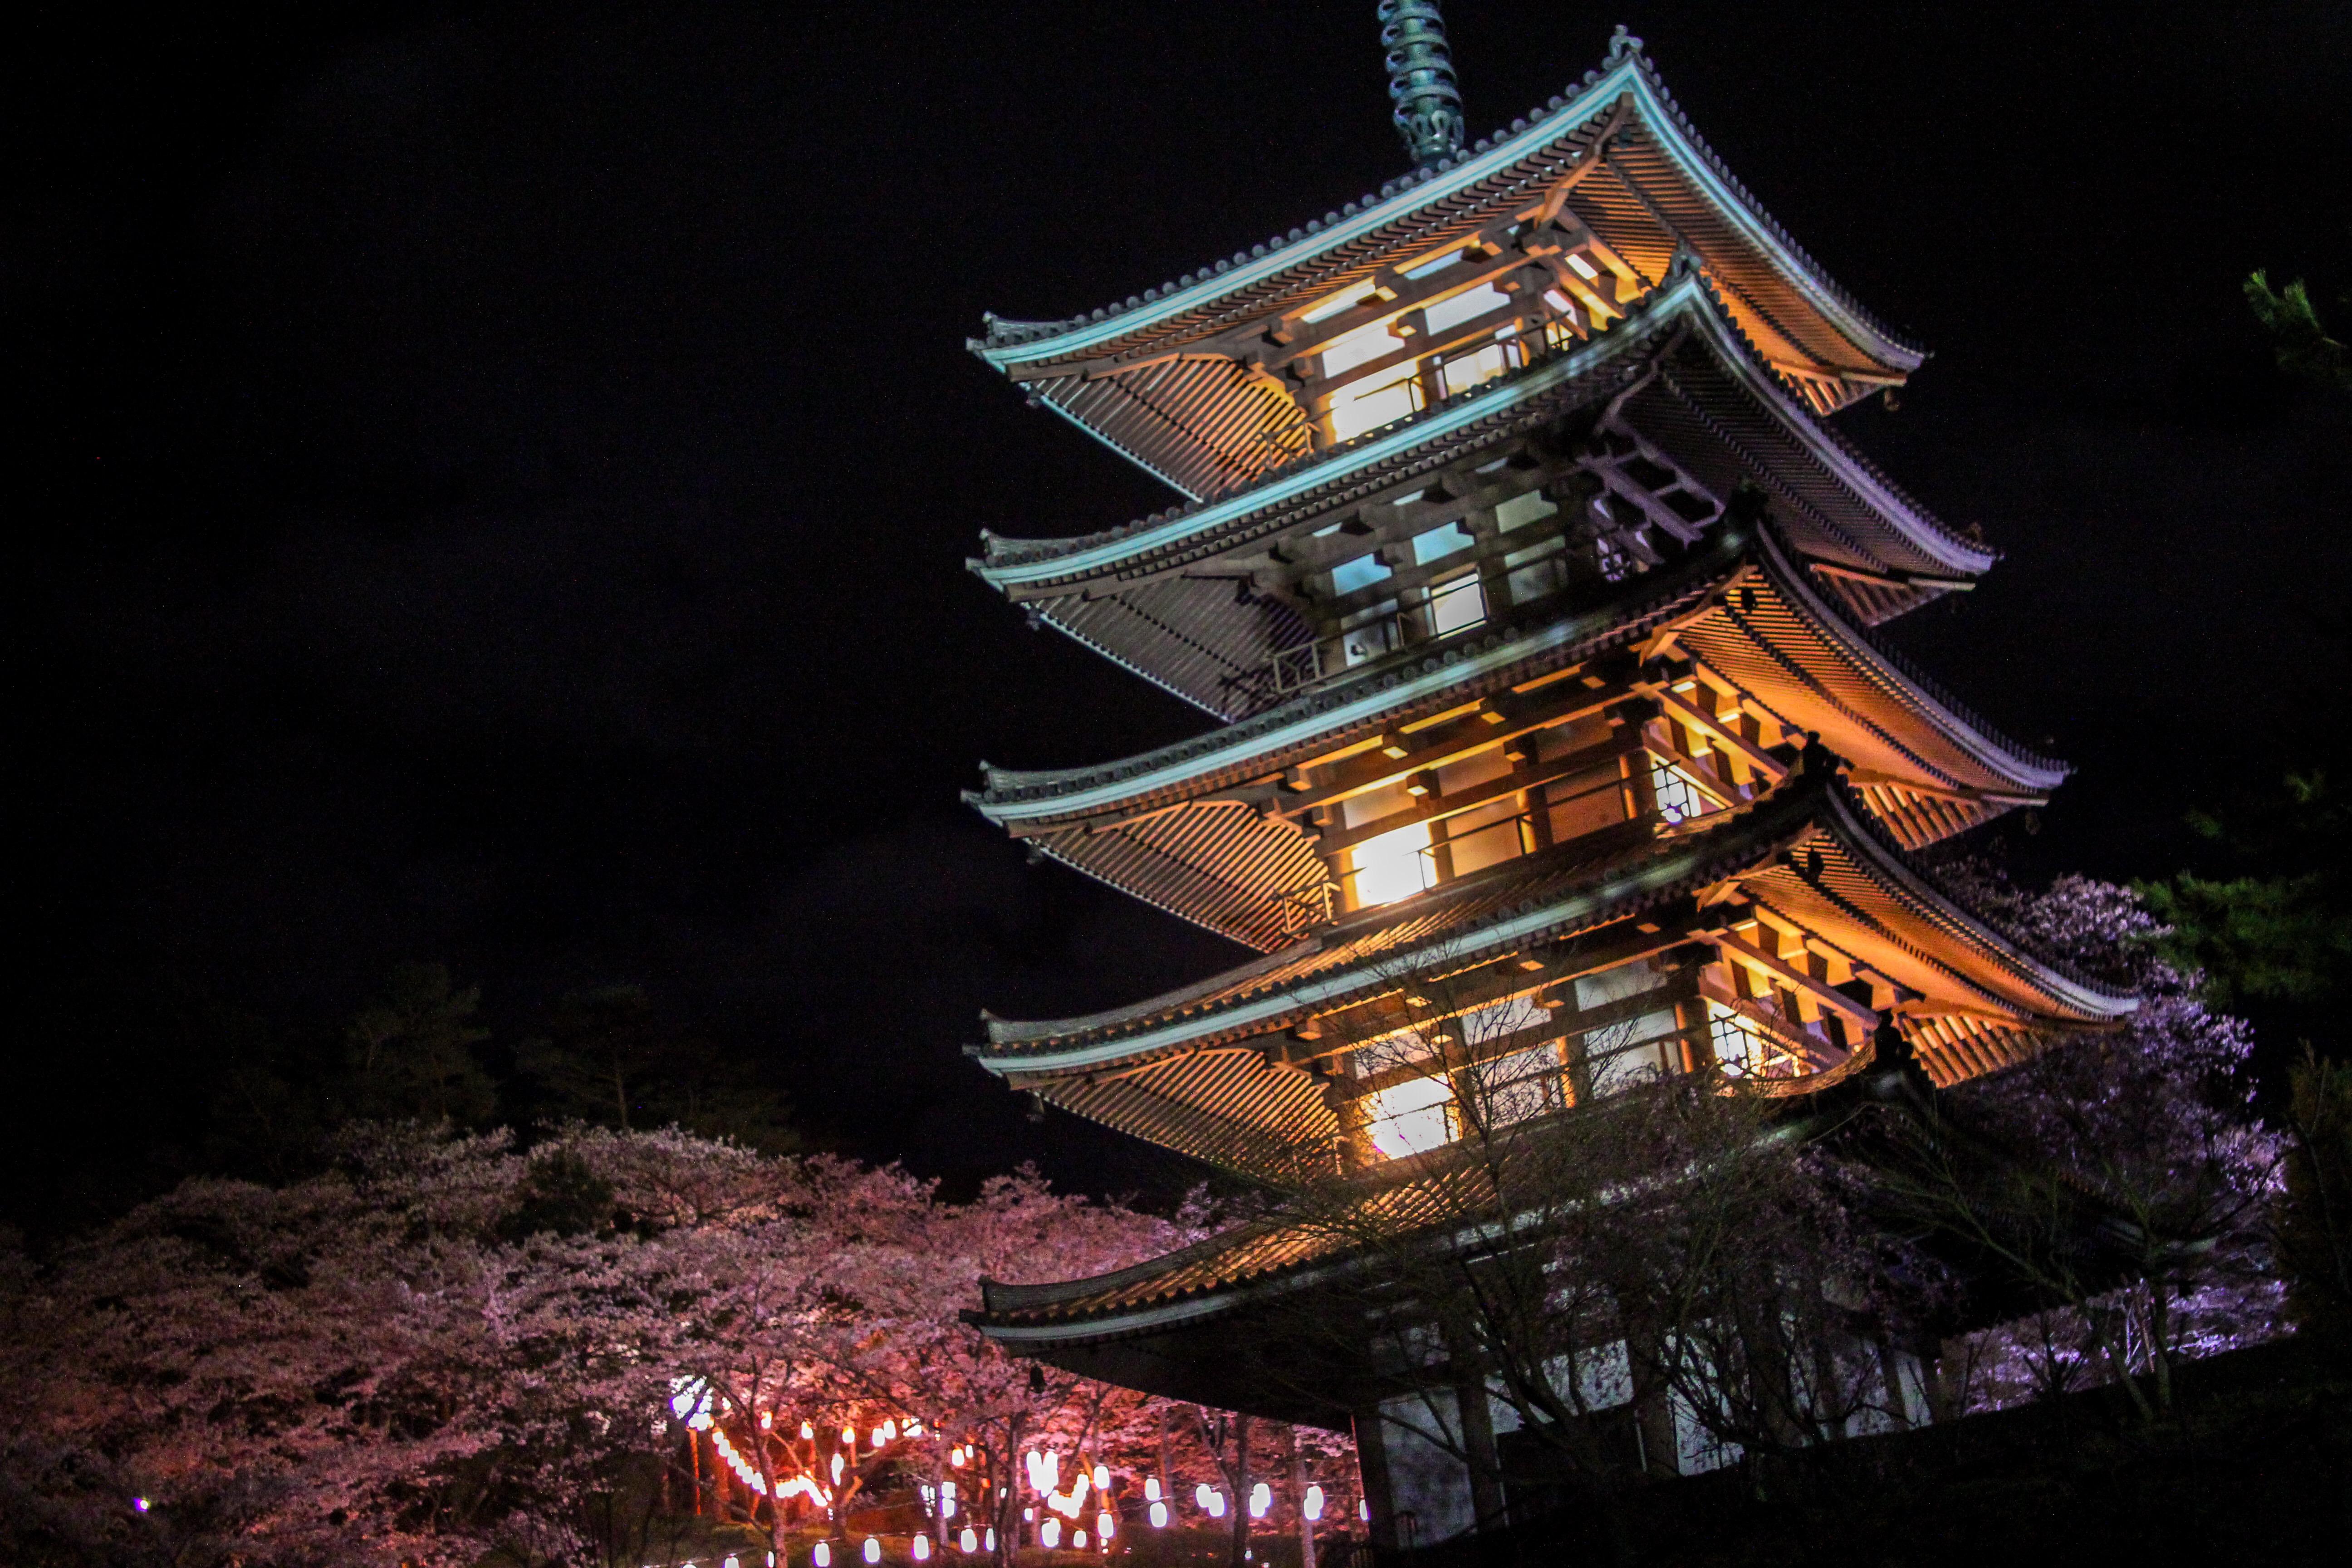 五重の塔と撮影できる!「安達ヶ原ふるさと村」の桜を撮影してきた。